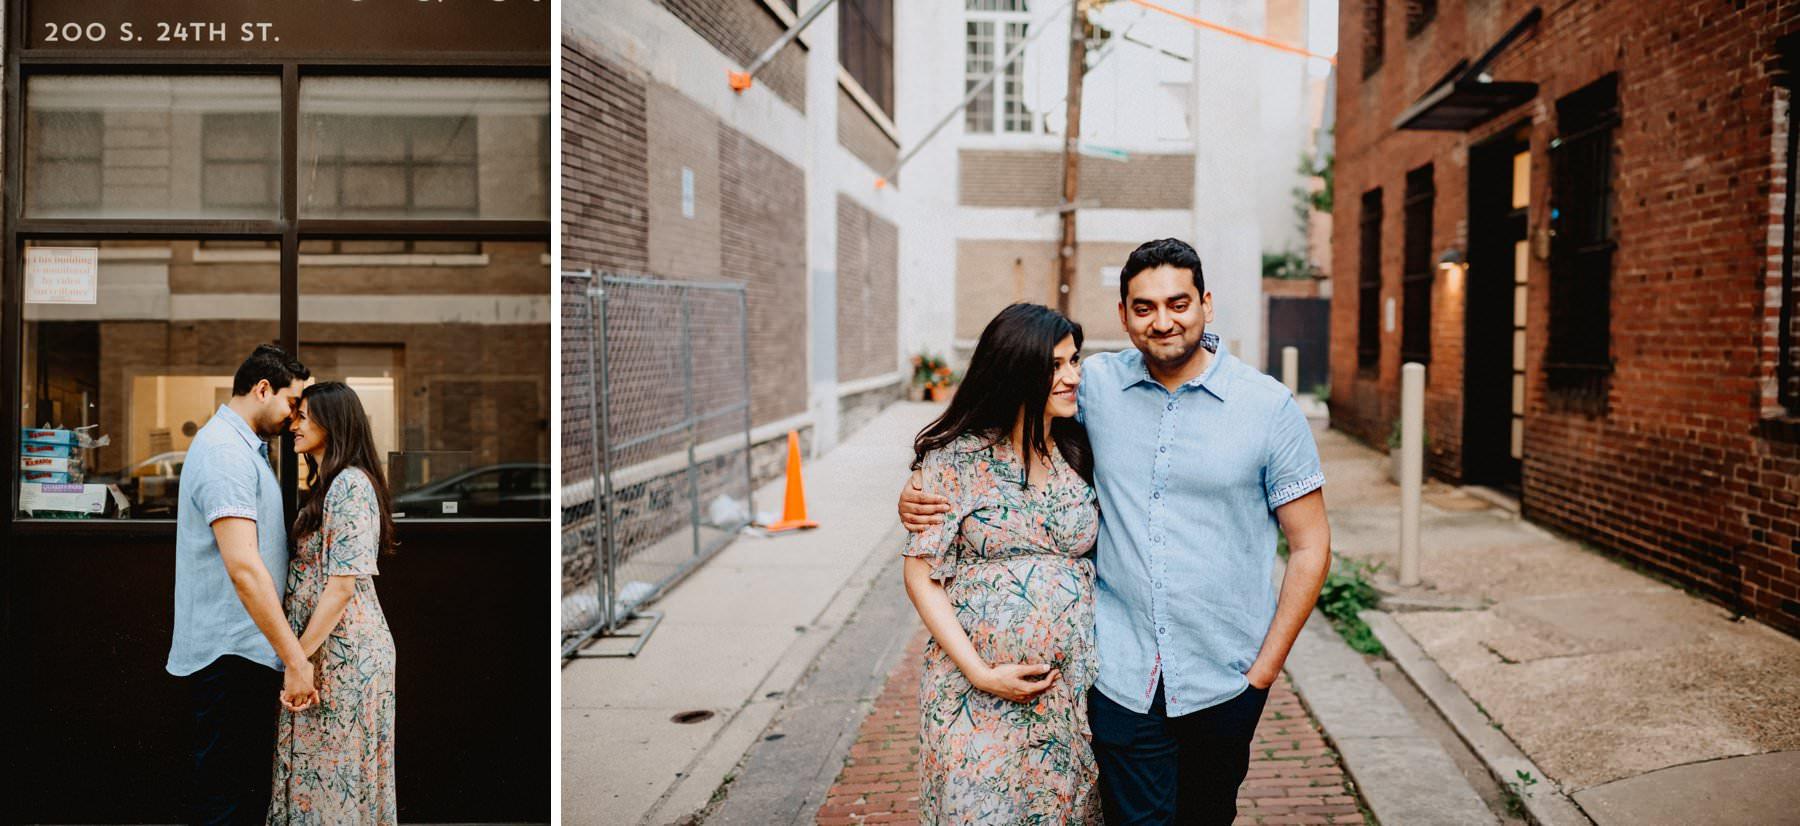 Philadelphia-maternity-photographer-32.jpg